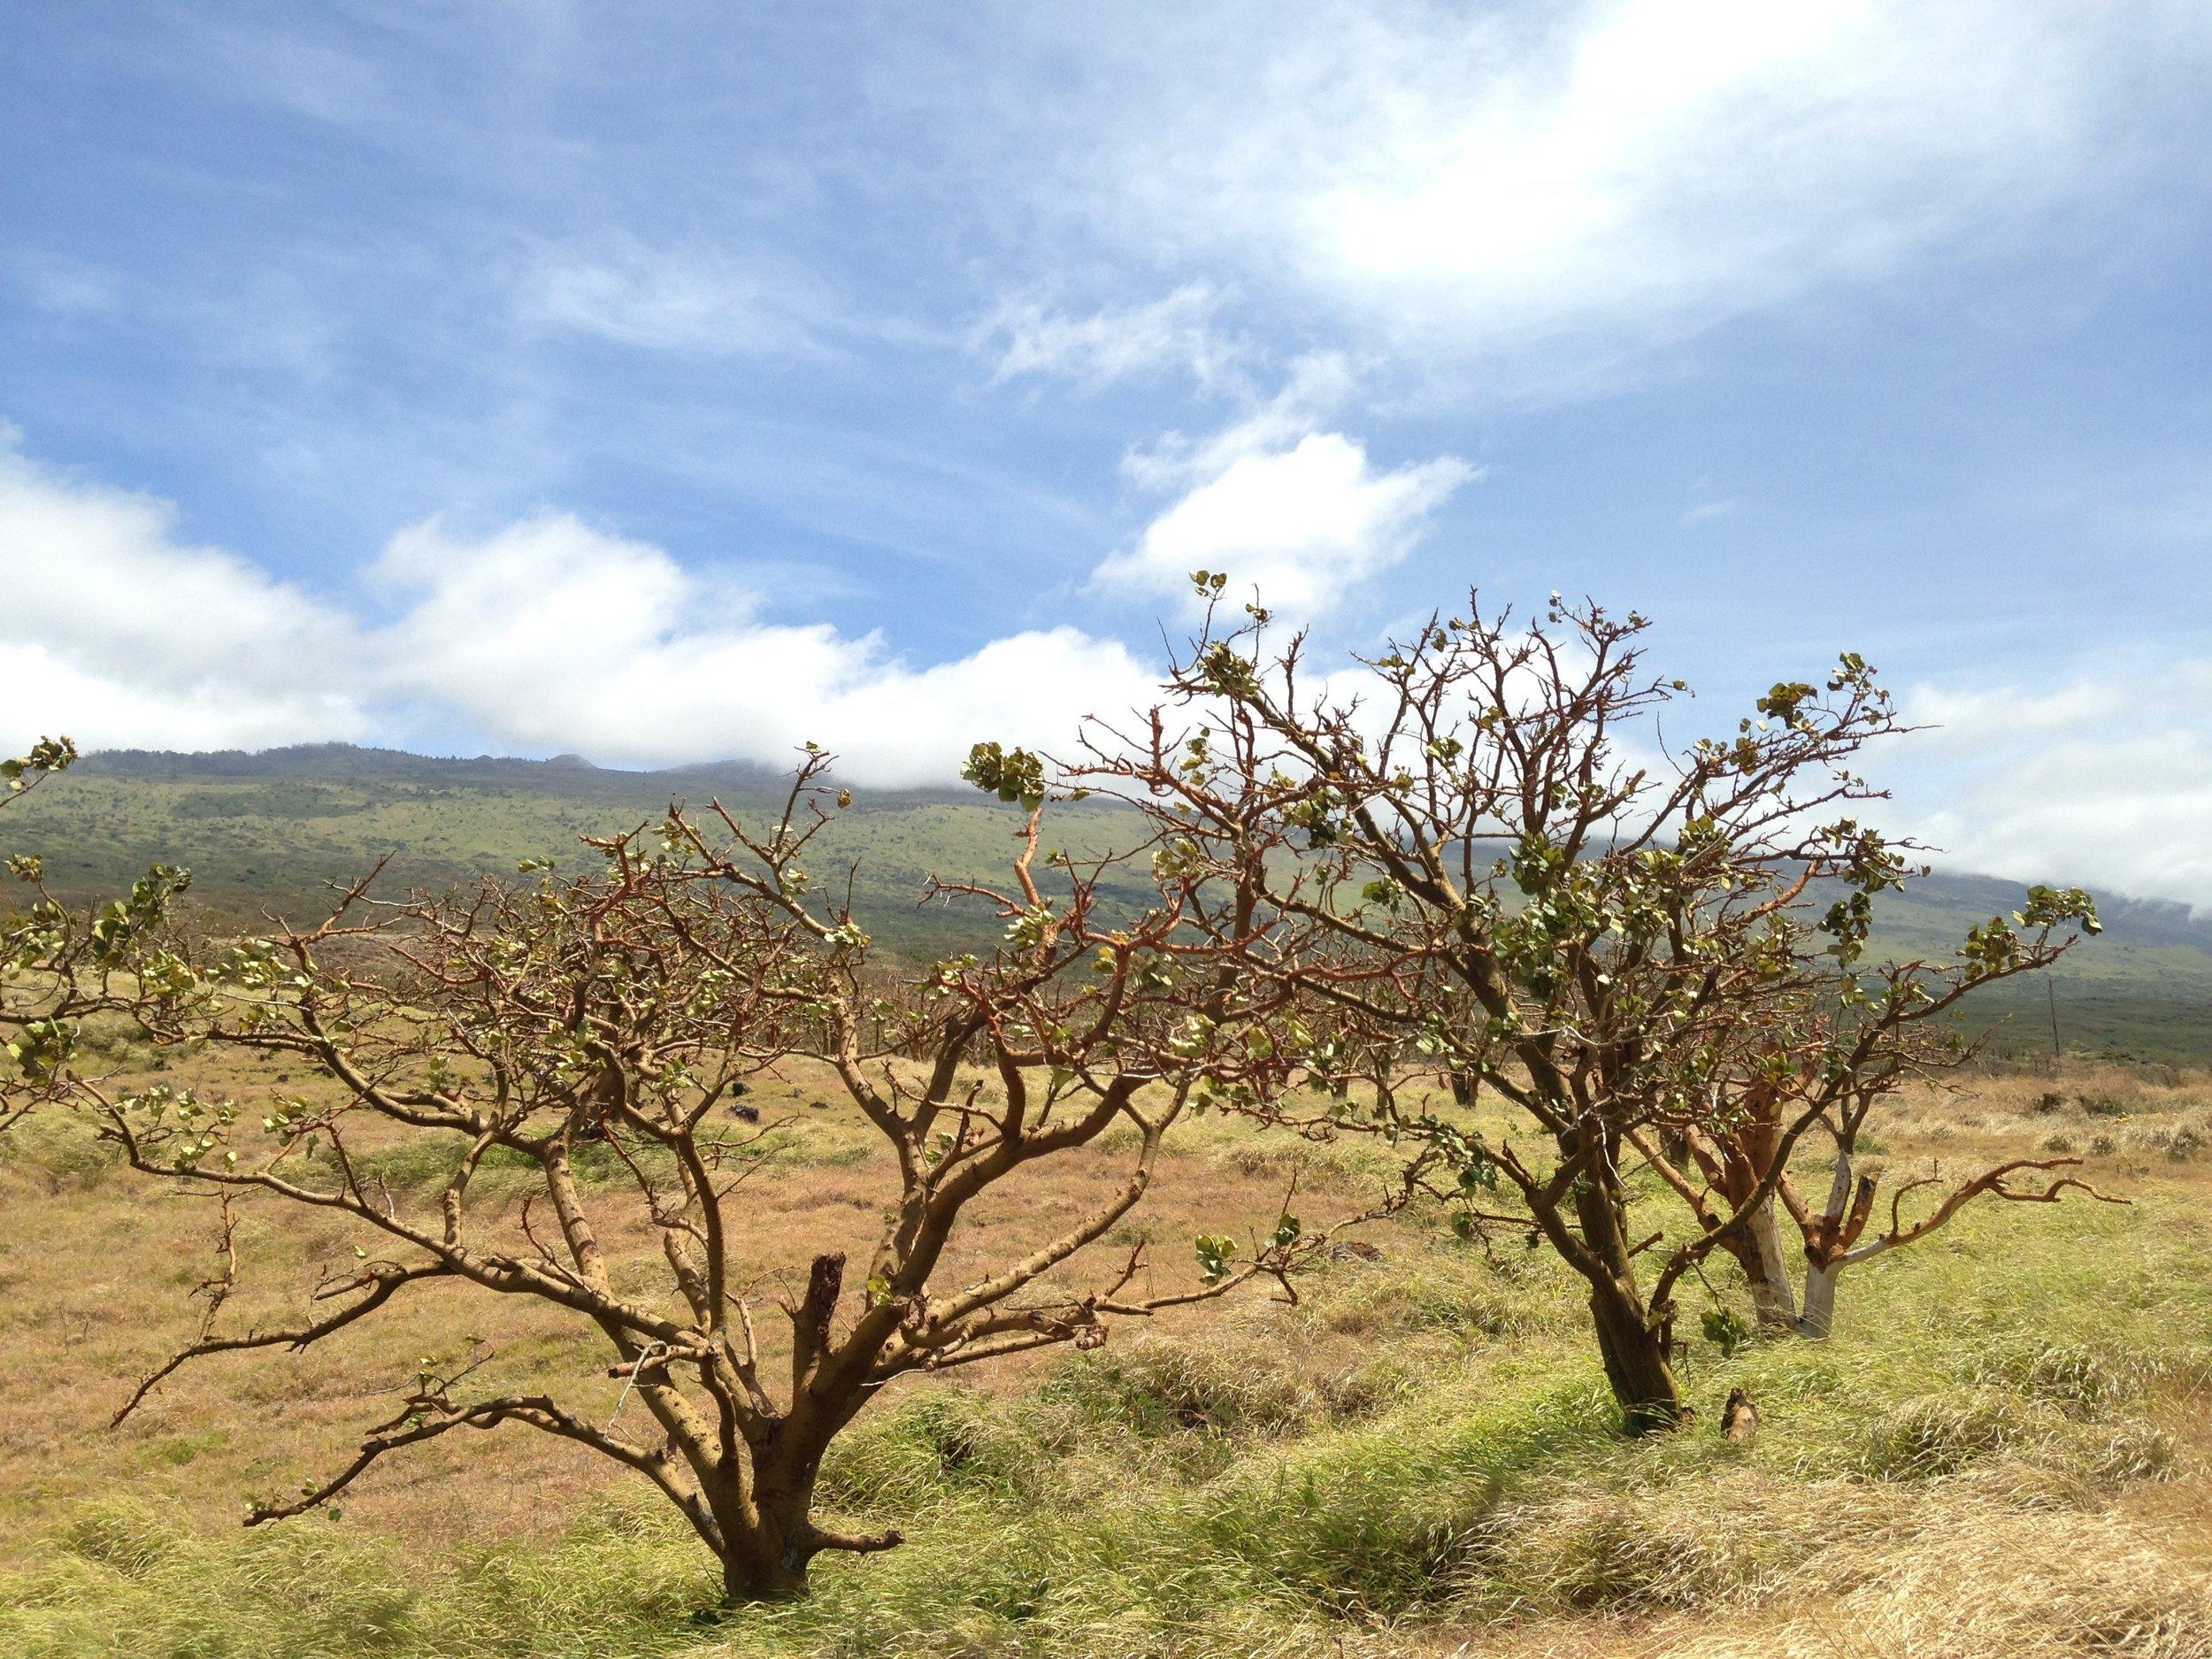 Wiliwili trees at 'Auwahi. Courtesy of Ku'ulei Kuala'au.